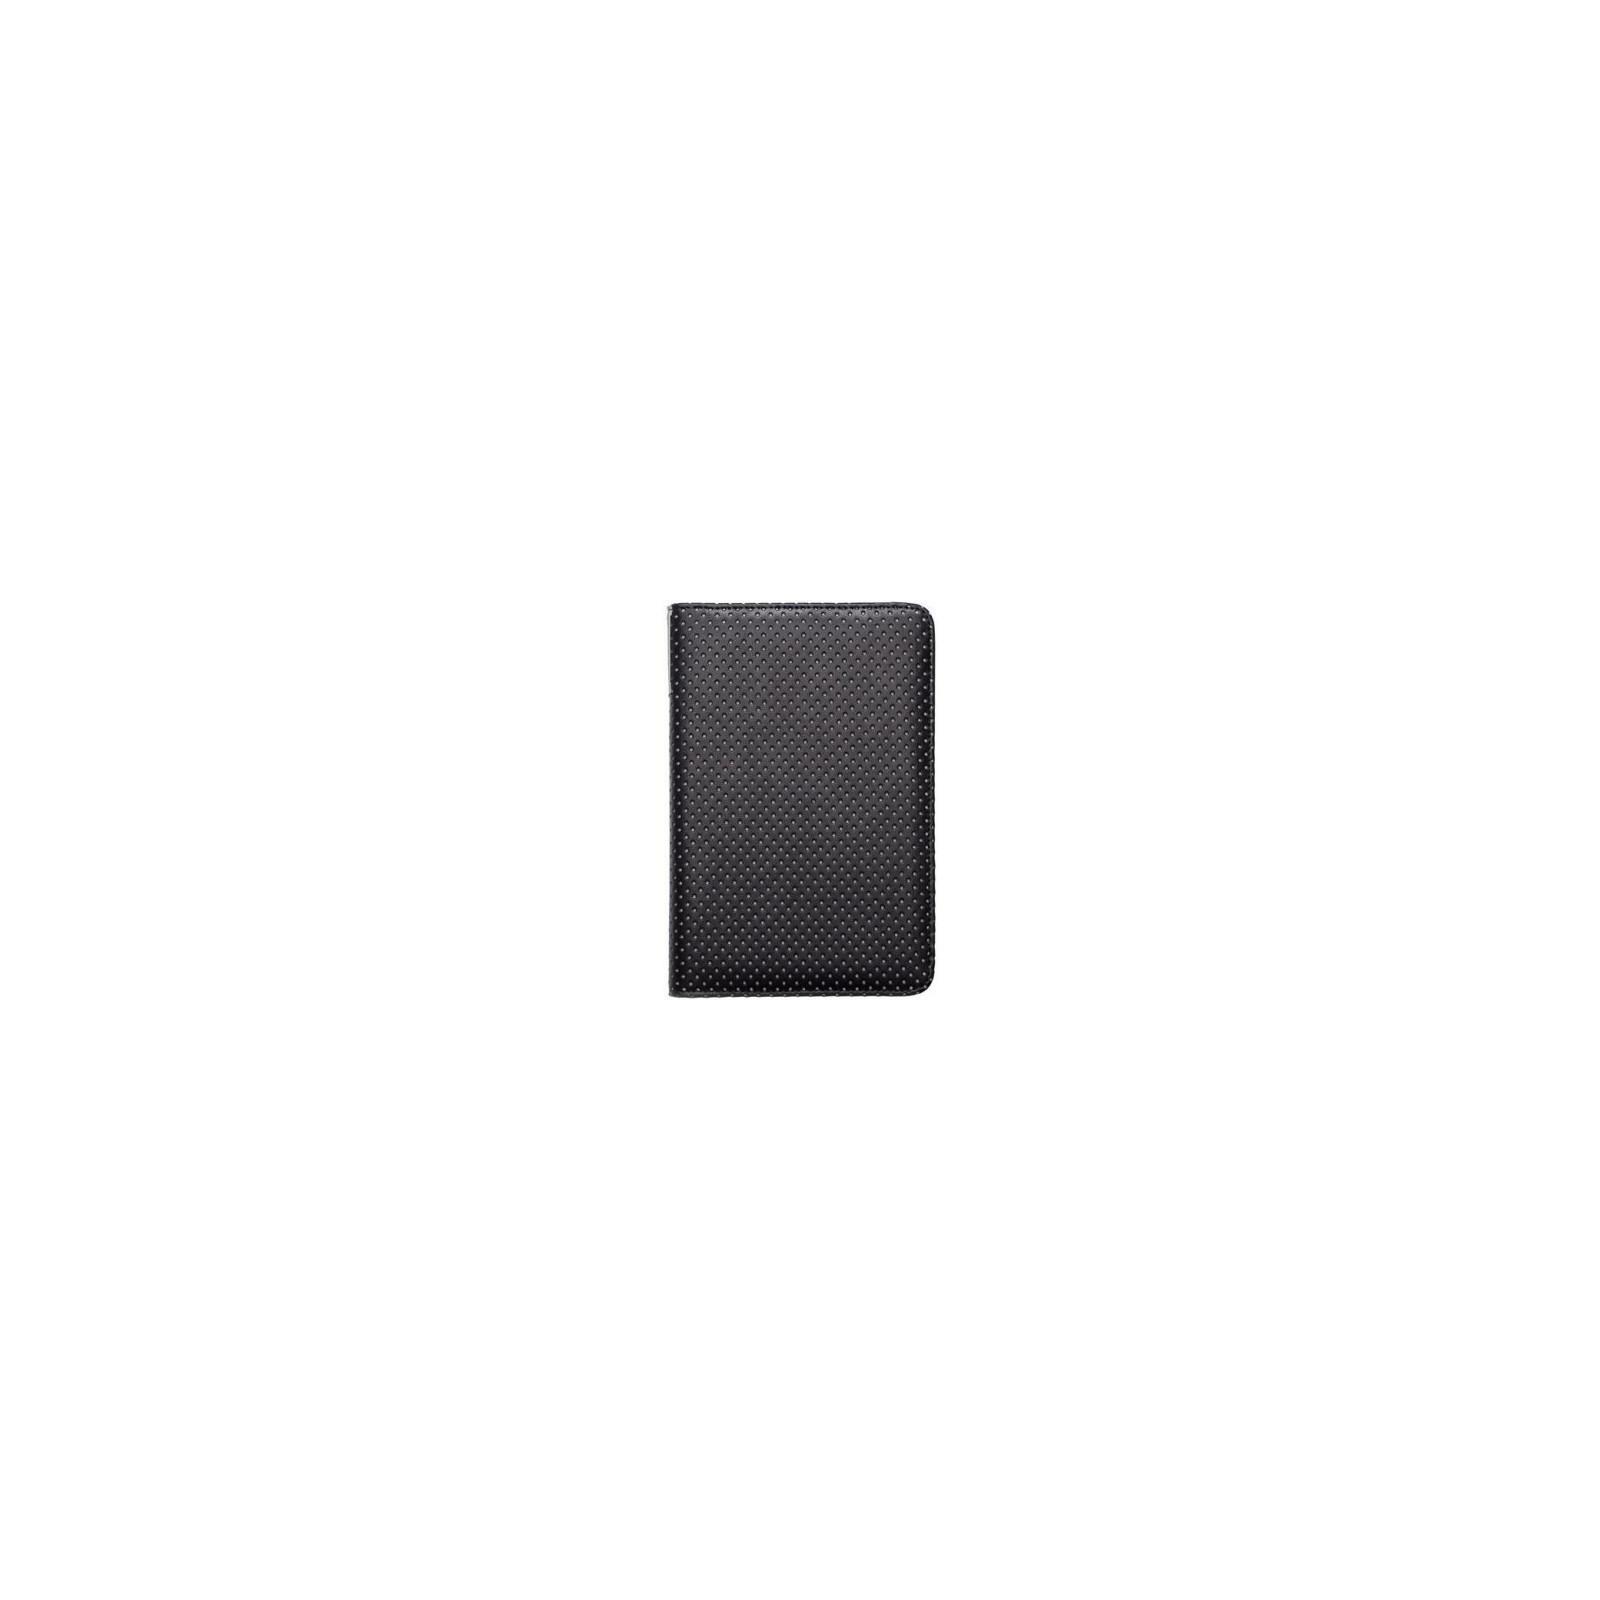 Чехол для электронной книги PocketBook для PB623/PB622 (PBPUC-623-YL-DT)